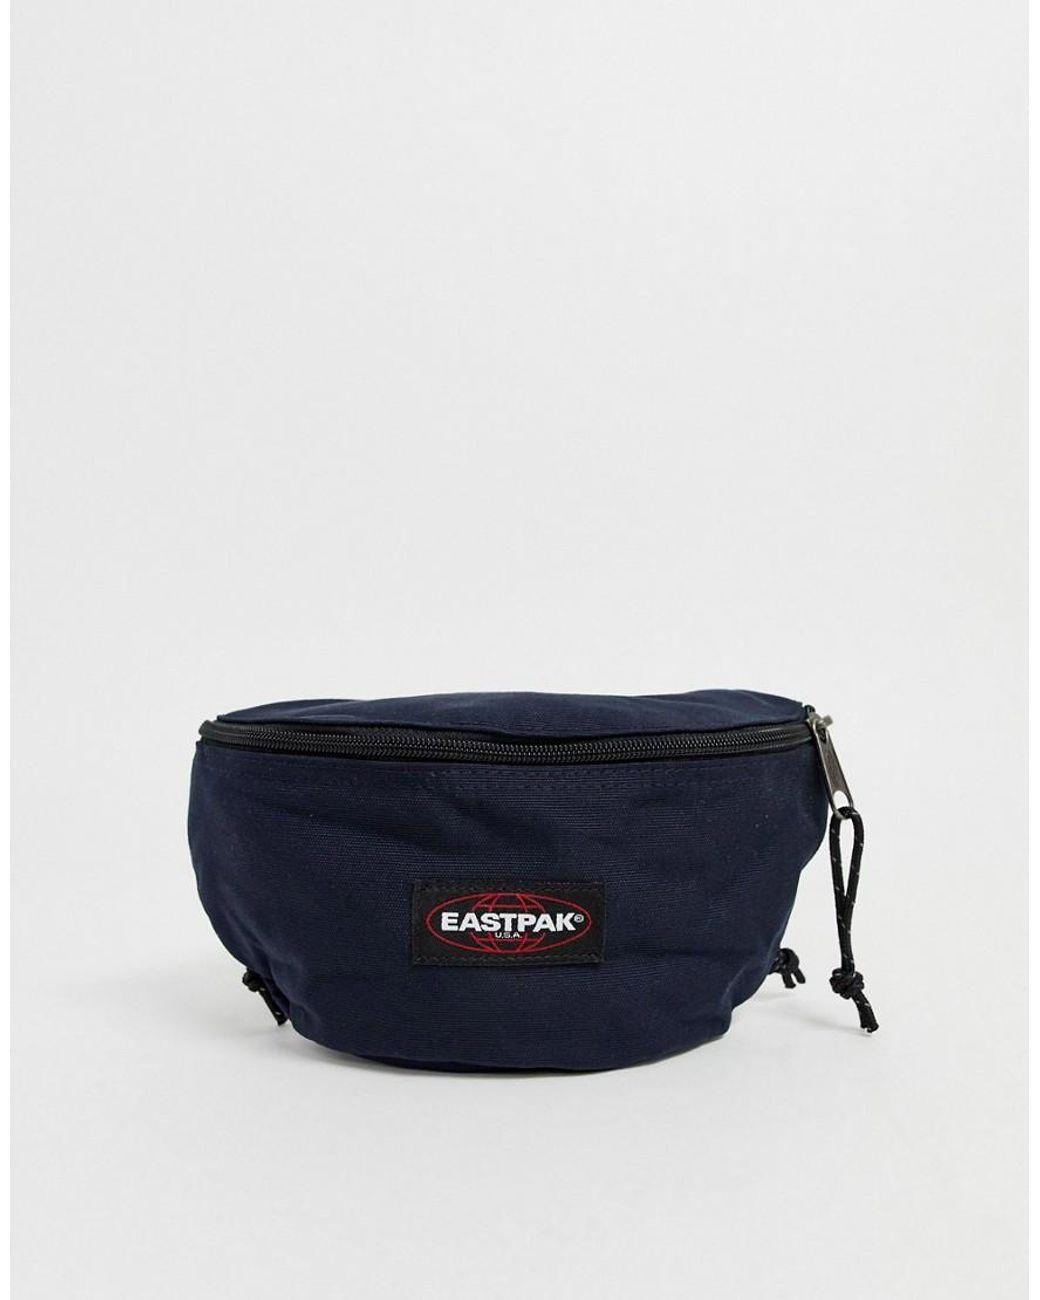 gratis verzending super goedkoop fabrieksprijs Eastpak Springer Bum Bag In Navy 2l in Blue for Men - Lyst